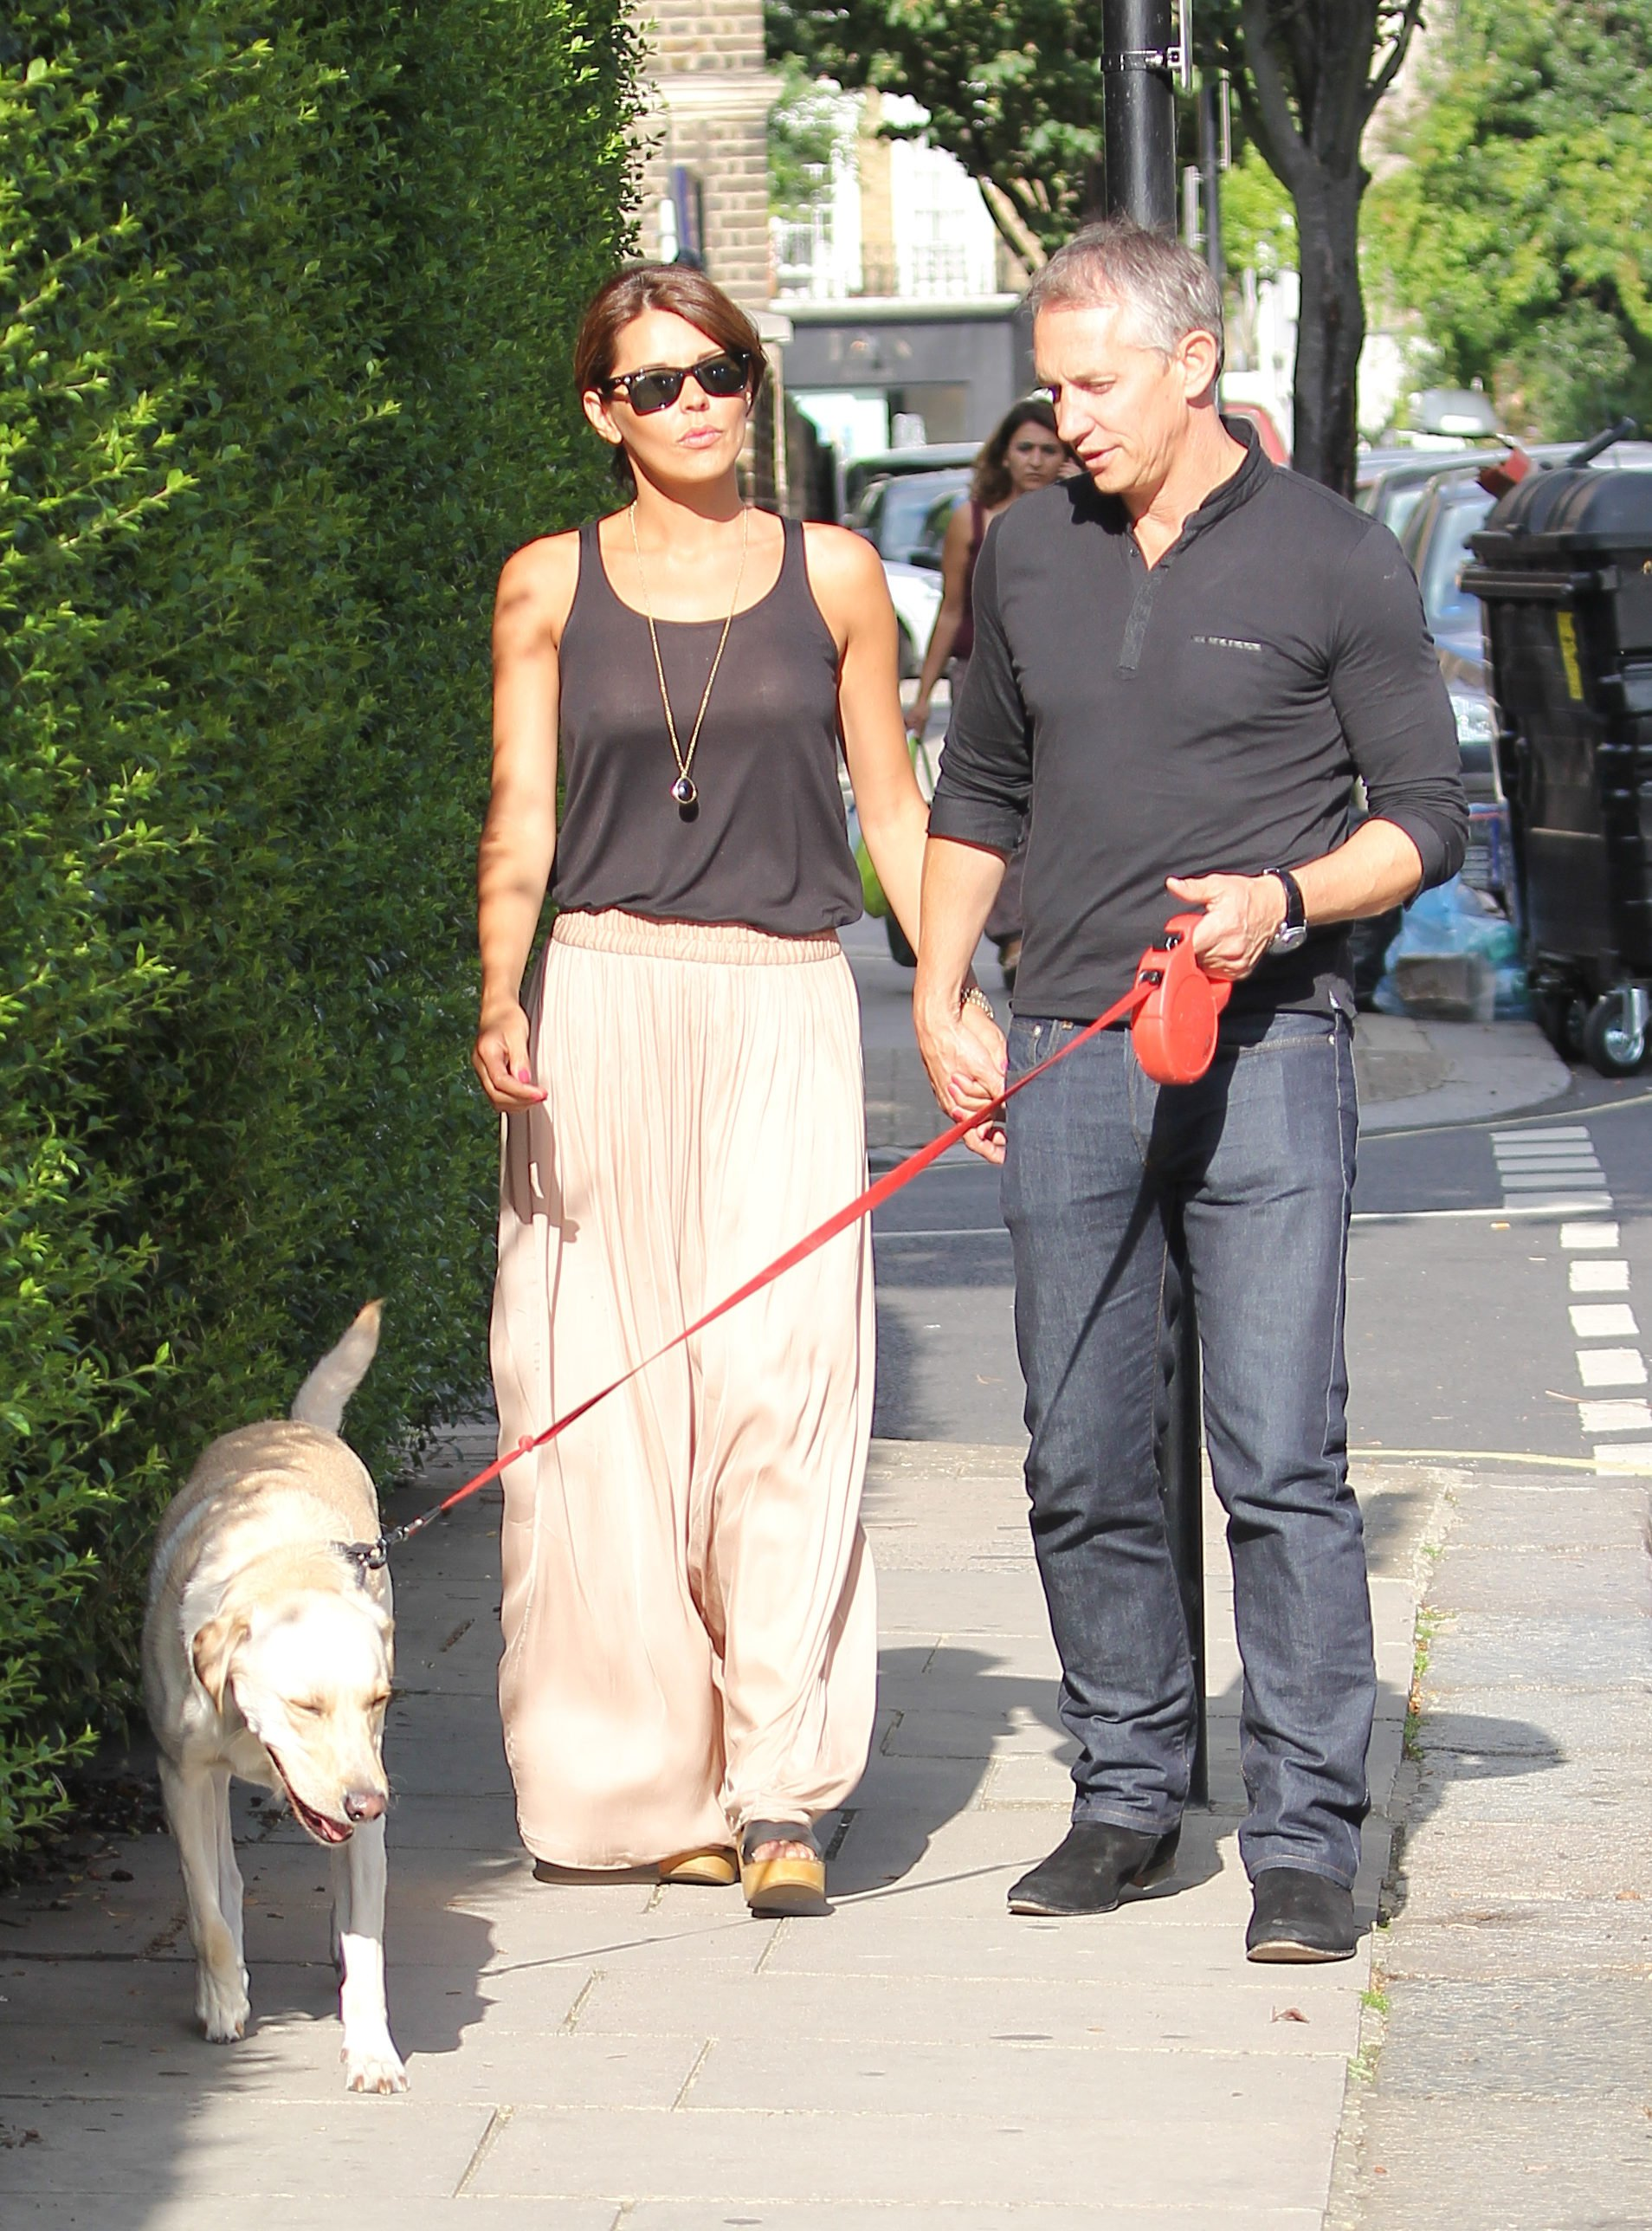 Gary Lineker, Danielle and their dog